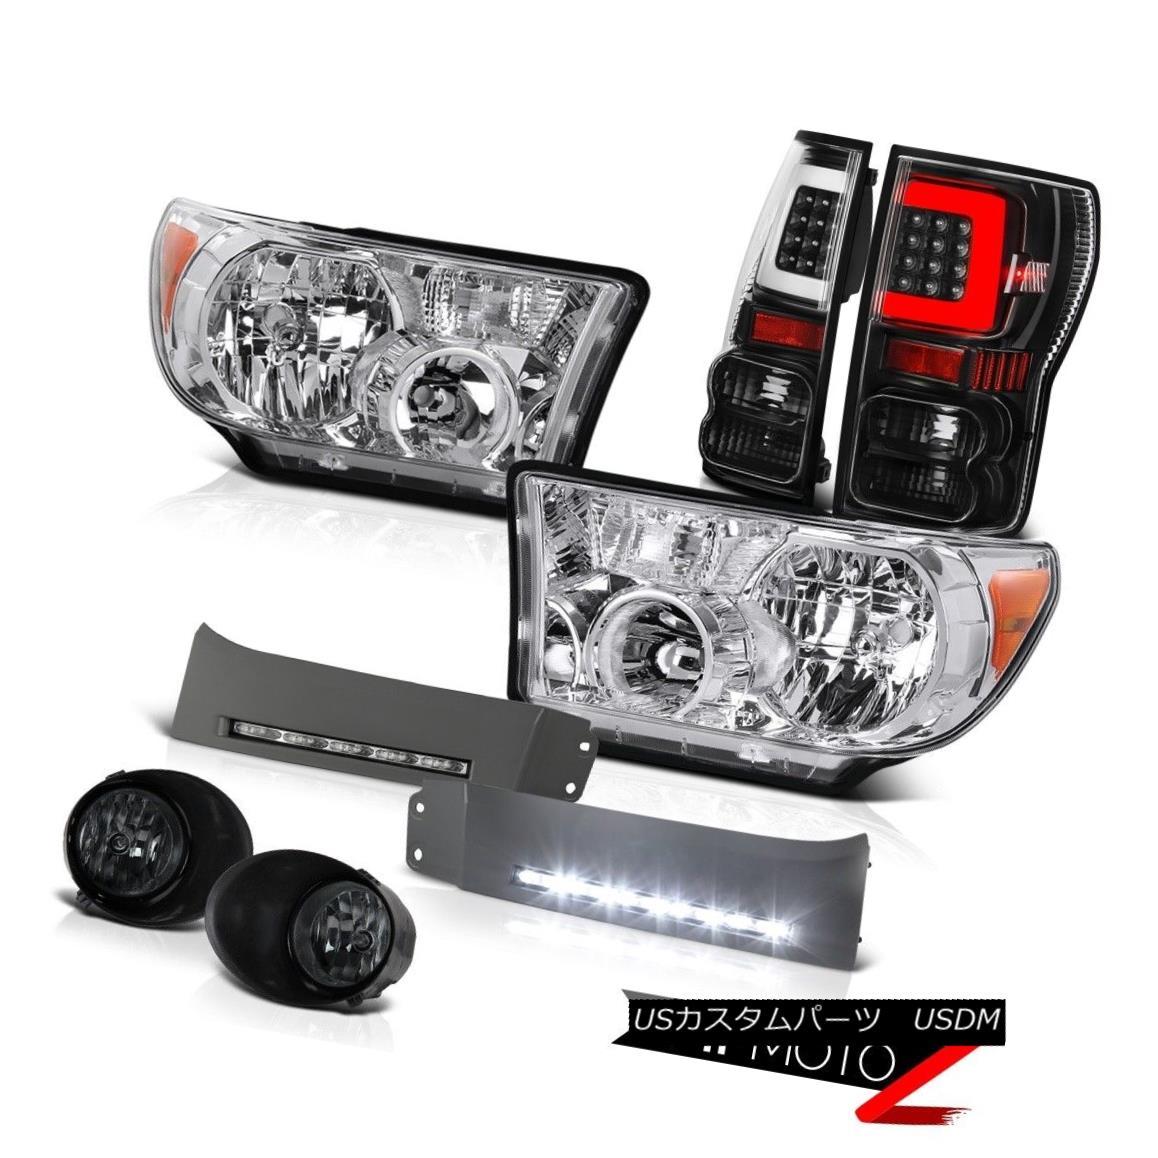 ヘッドライト 07-13 Toyota Tundra Nighthawk Black Rear Head Lights Drl Smoked Spot Set LH+RH 07-13トヨタ・トンドラ・ナイトホークブラック・リヤ・ヘッド・ライト・ディールスモーク・スポットセットLH + RH